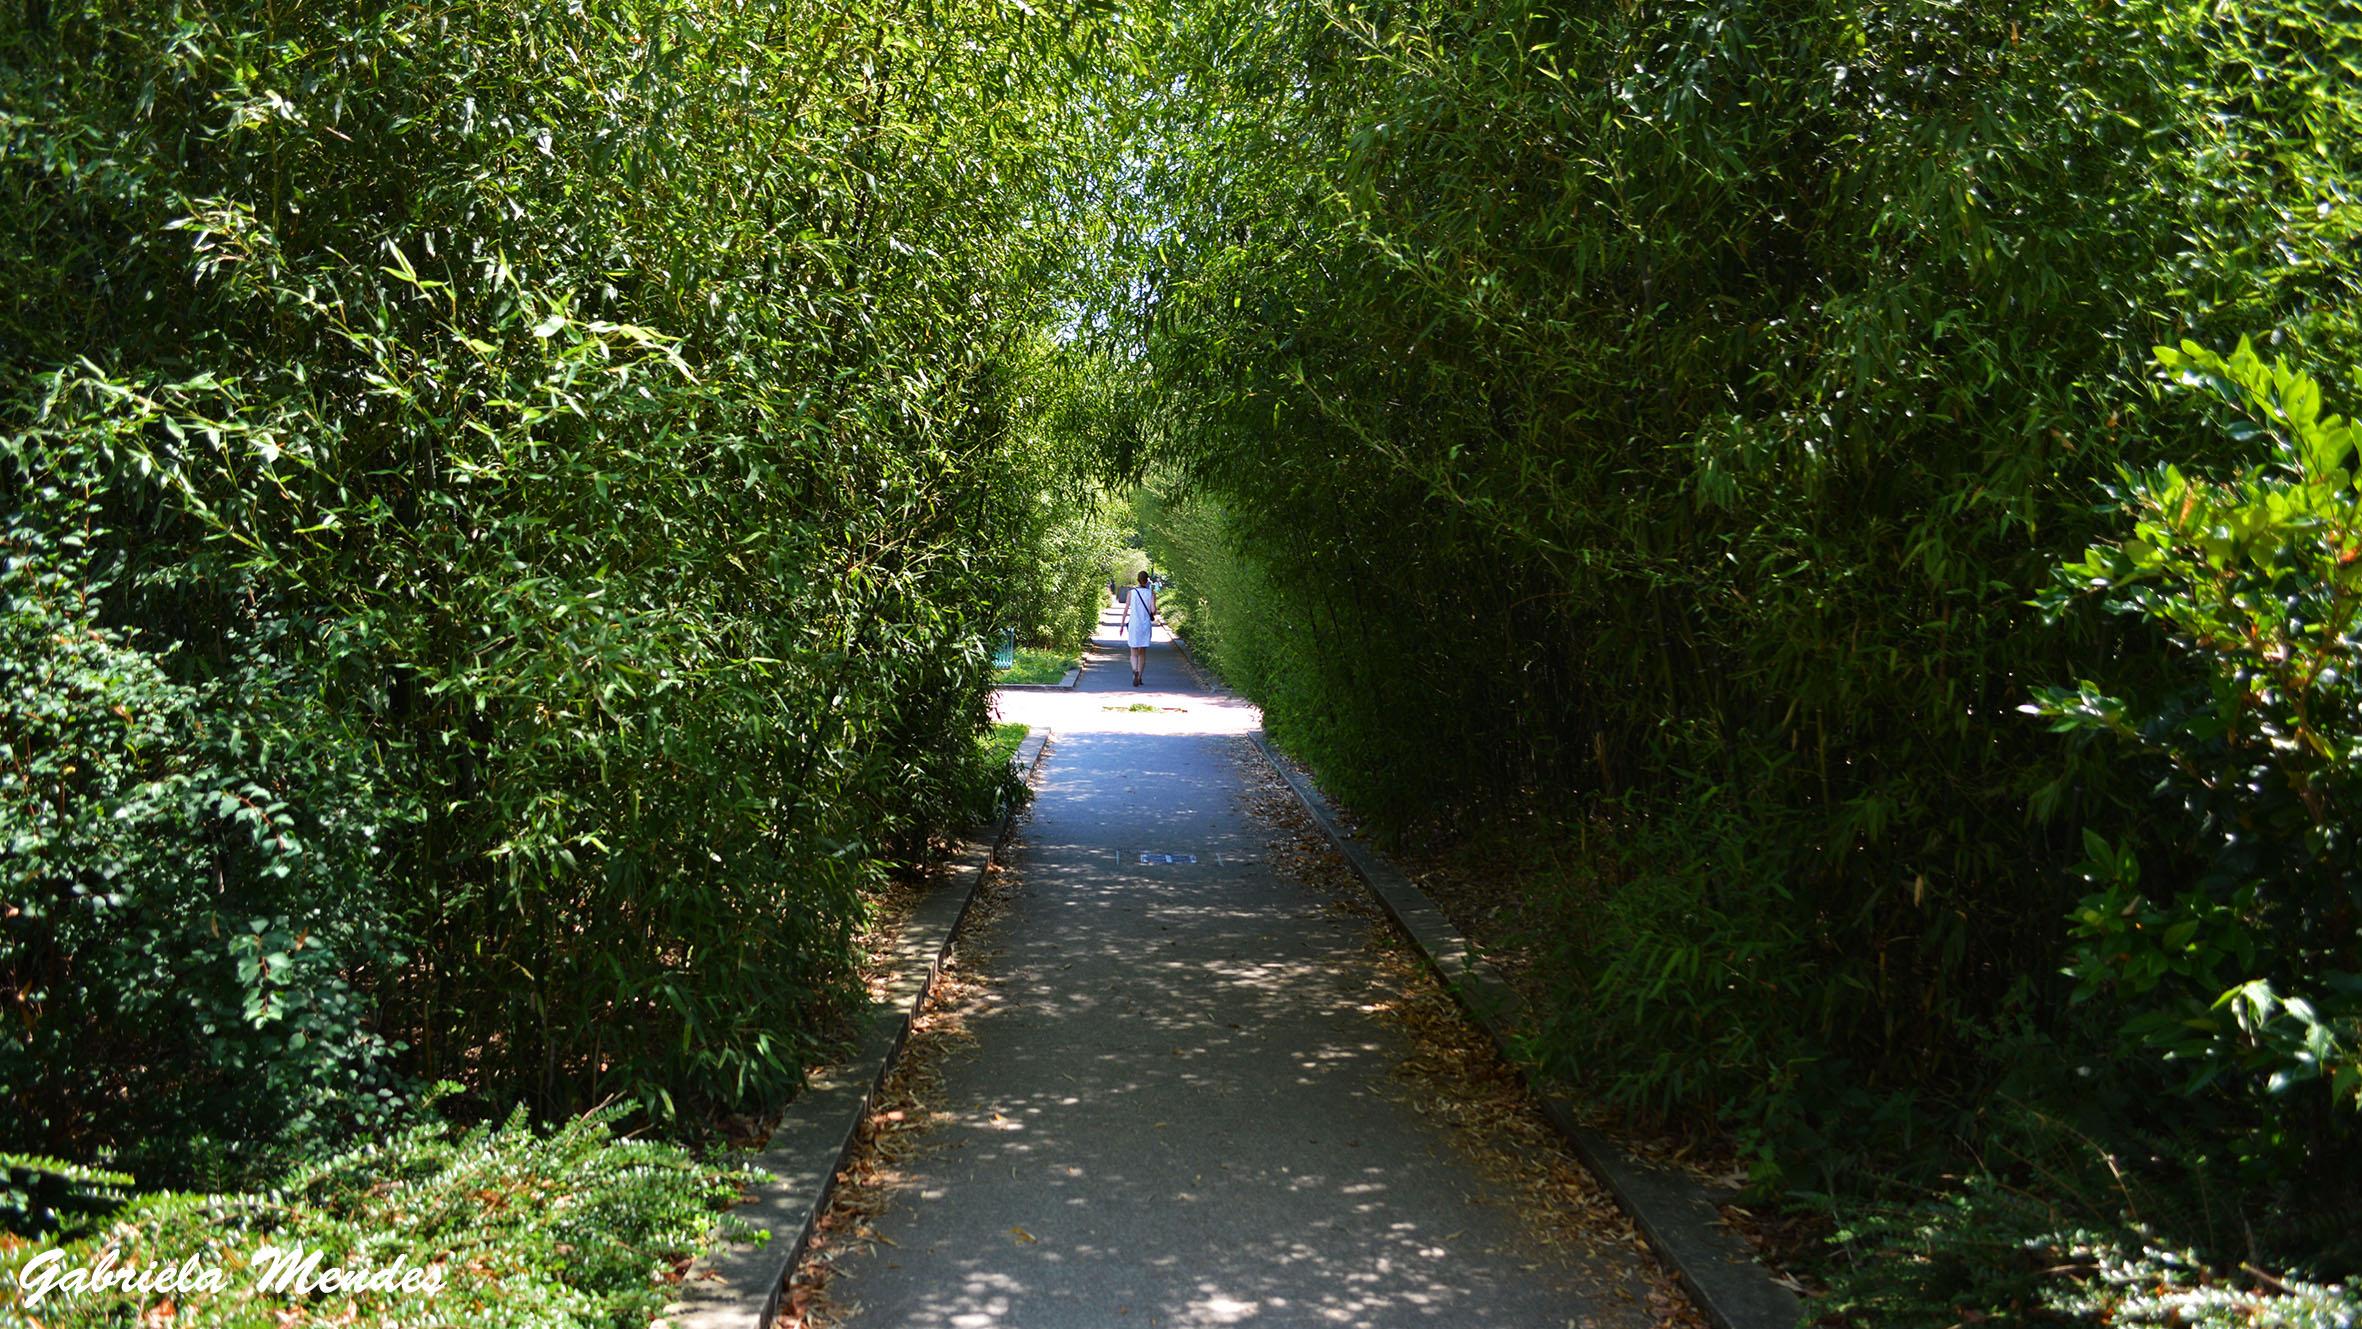 O caminho de bambus da Promenade Plantée